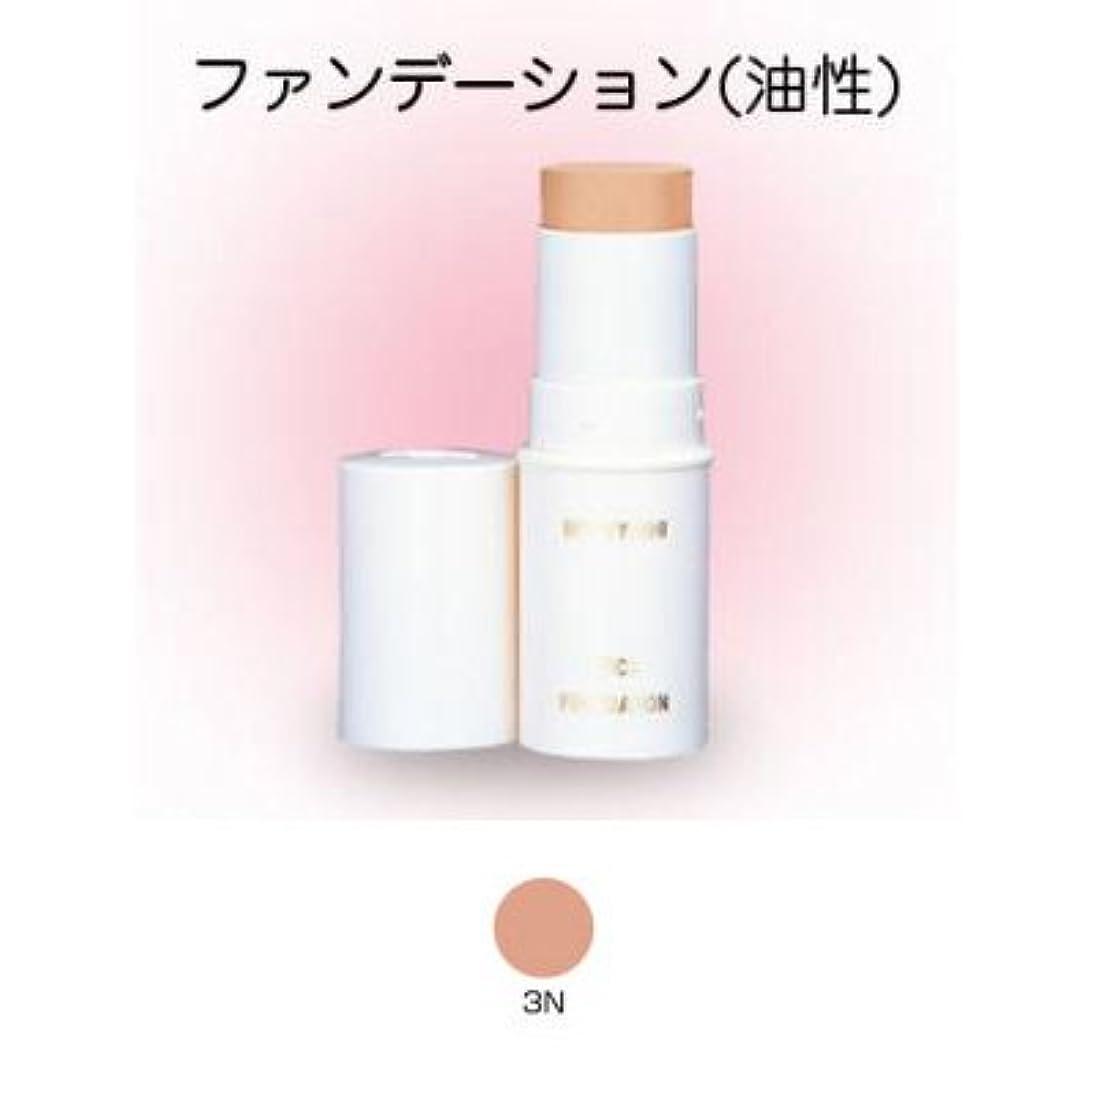 貫通独特の材料スティックファンデーション 16g 3N 【三善】